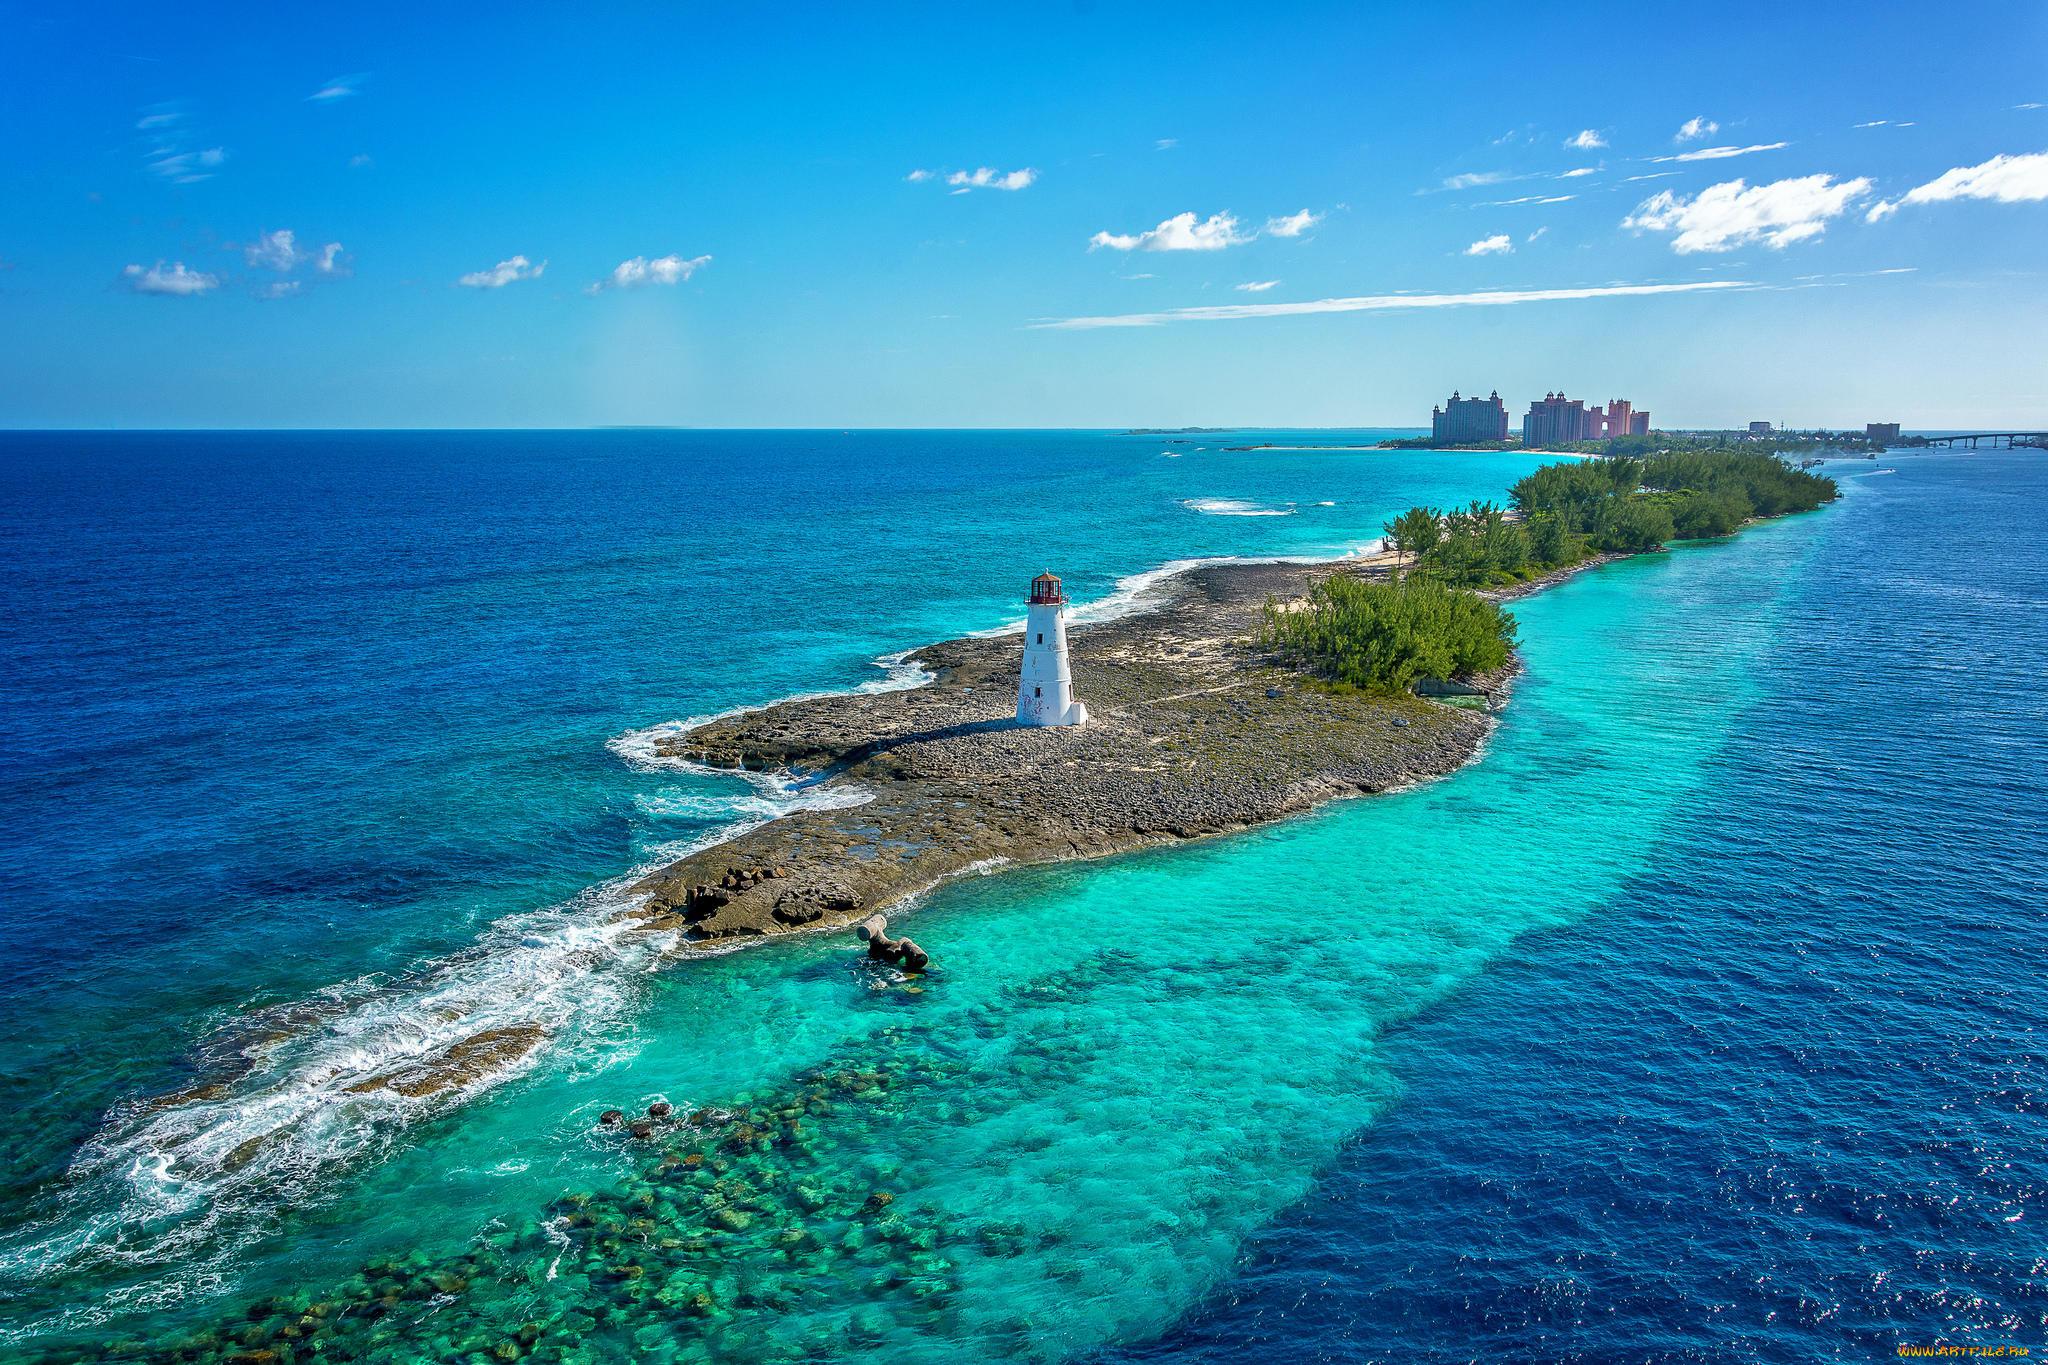 багамские острова фото обои полезные травки, вроде